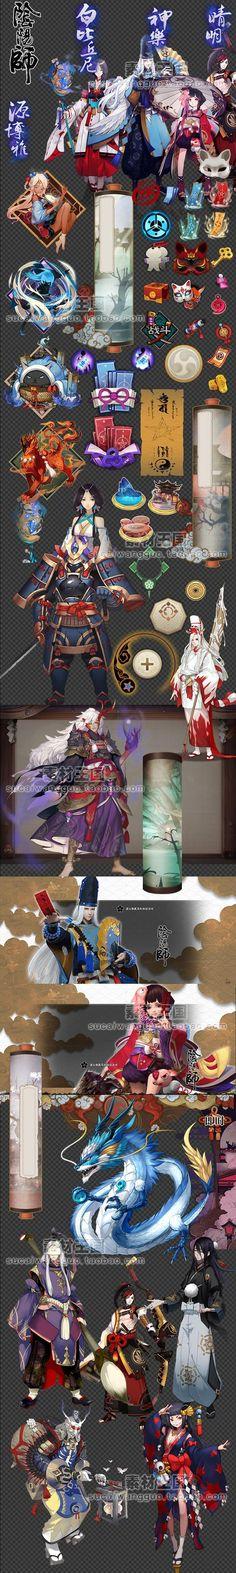 日式复古和风/阴阳师/游戏美术资源素材/...